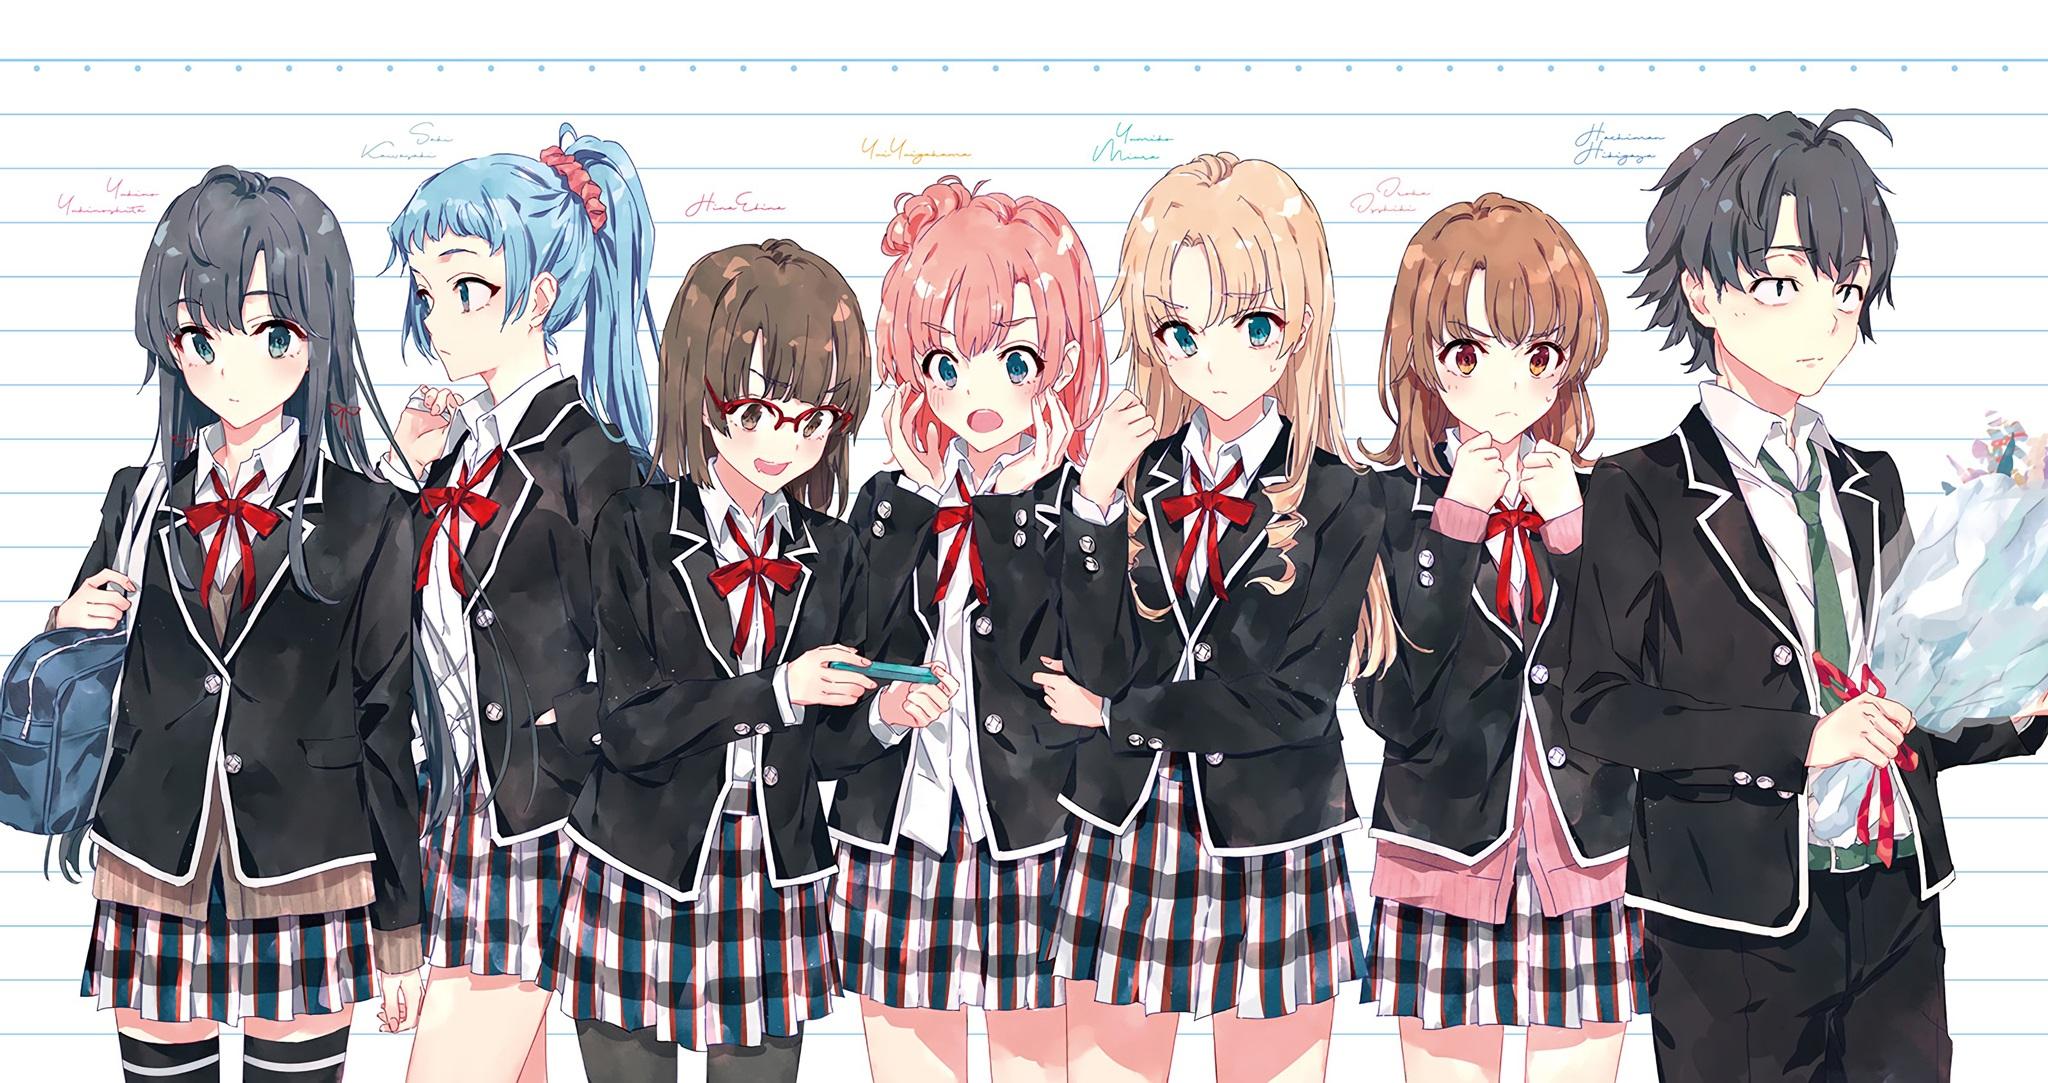 """《我的青春恋爱物语果然有问题》结局已定,完结篇第14卷2019年""""初""""发售"""